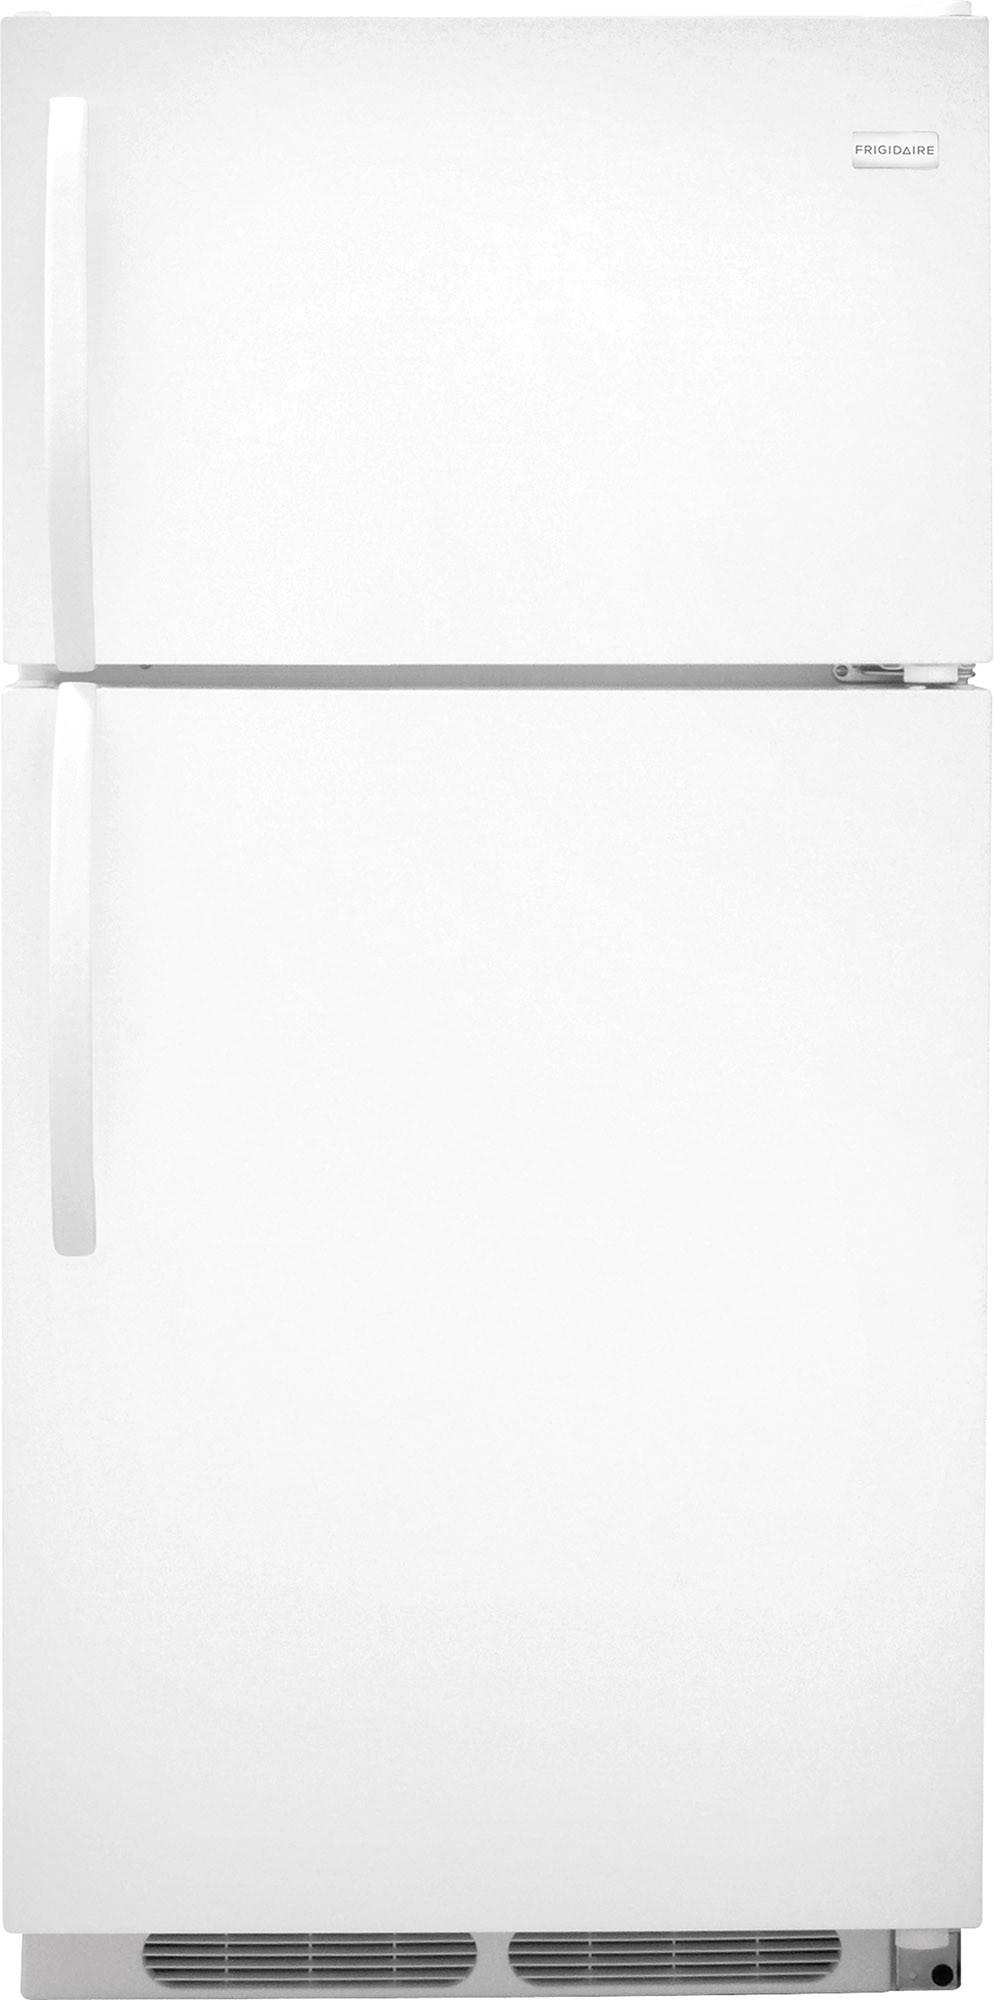 Della Beverage Center Refrigerator Stainless